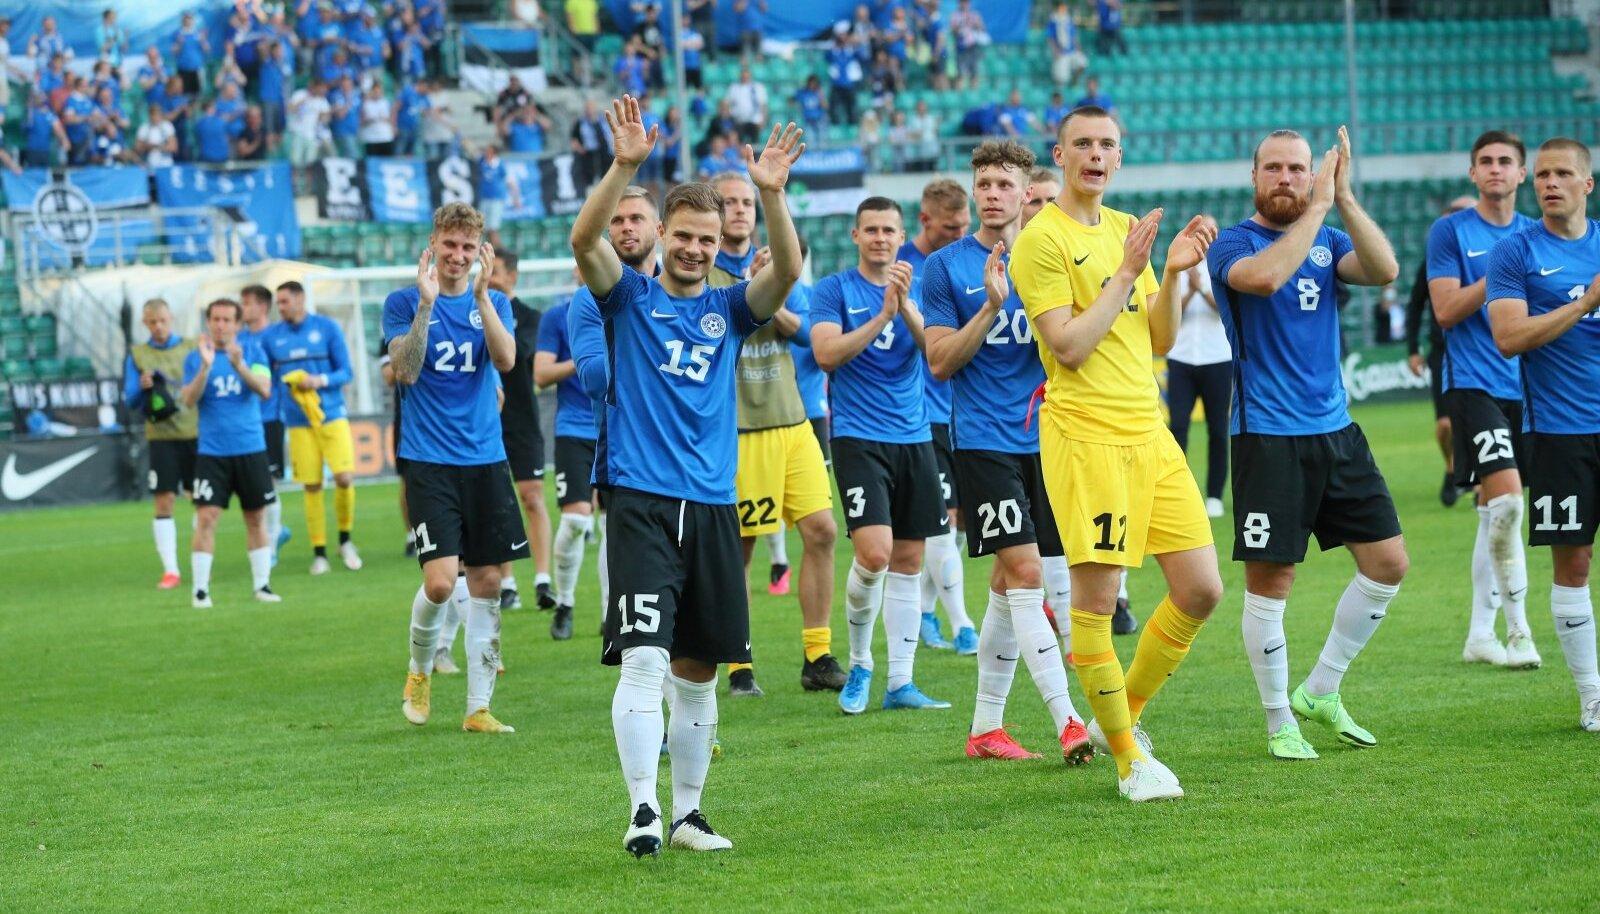 Eesti jalgpallikoondis võitis Balti karika!